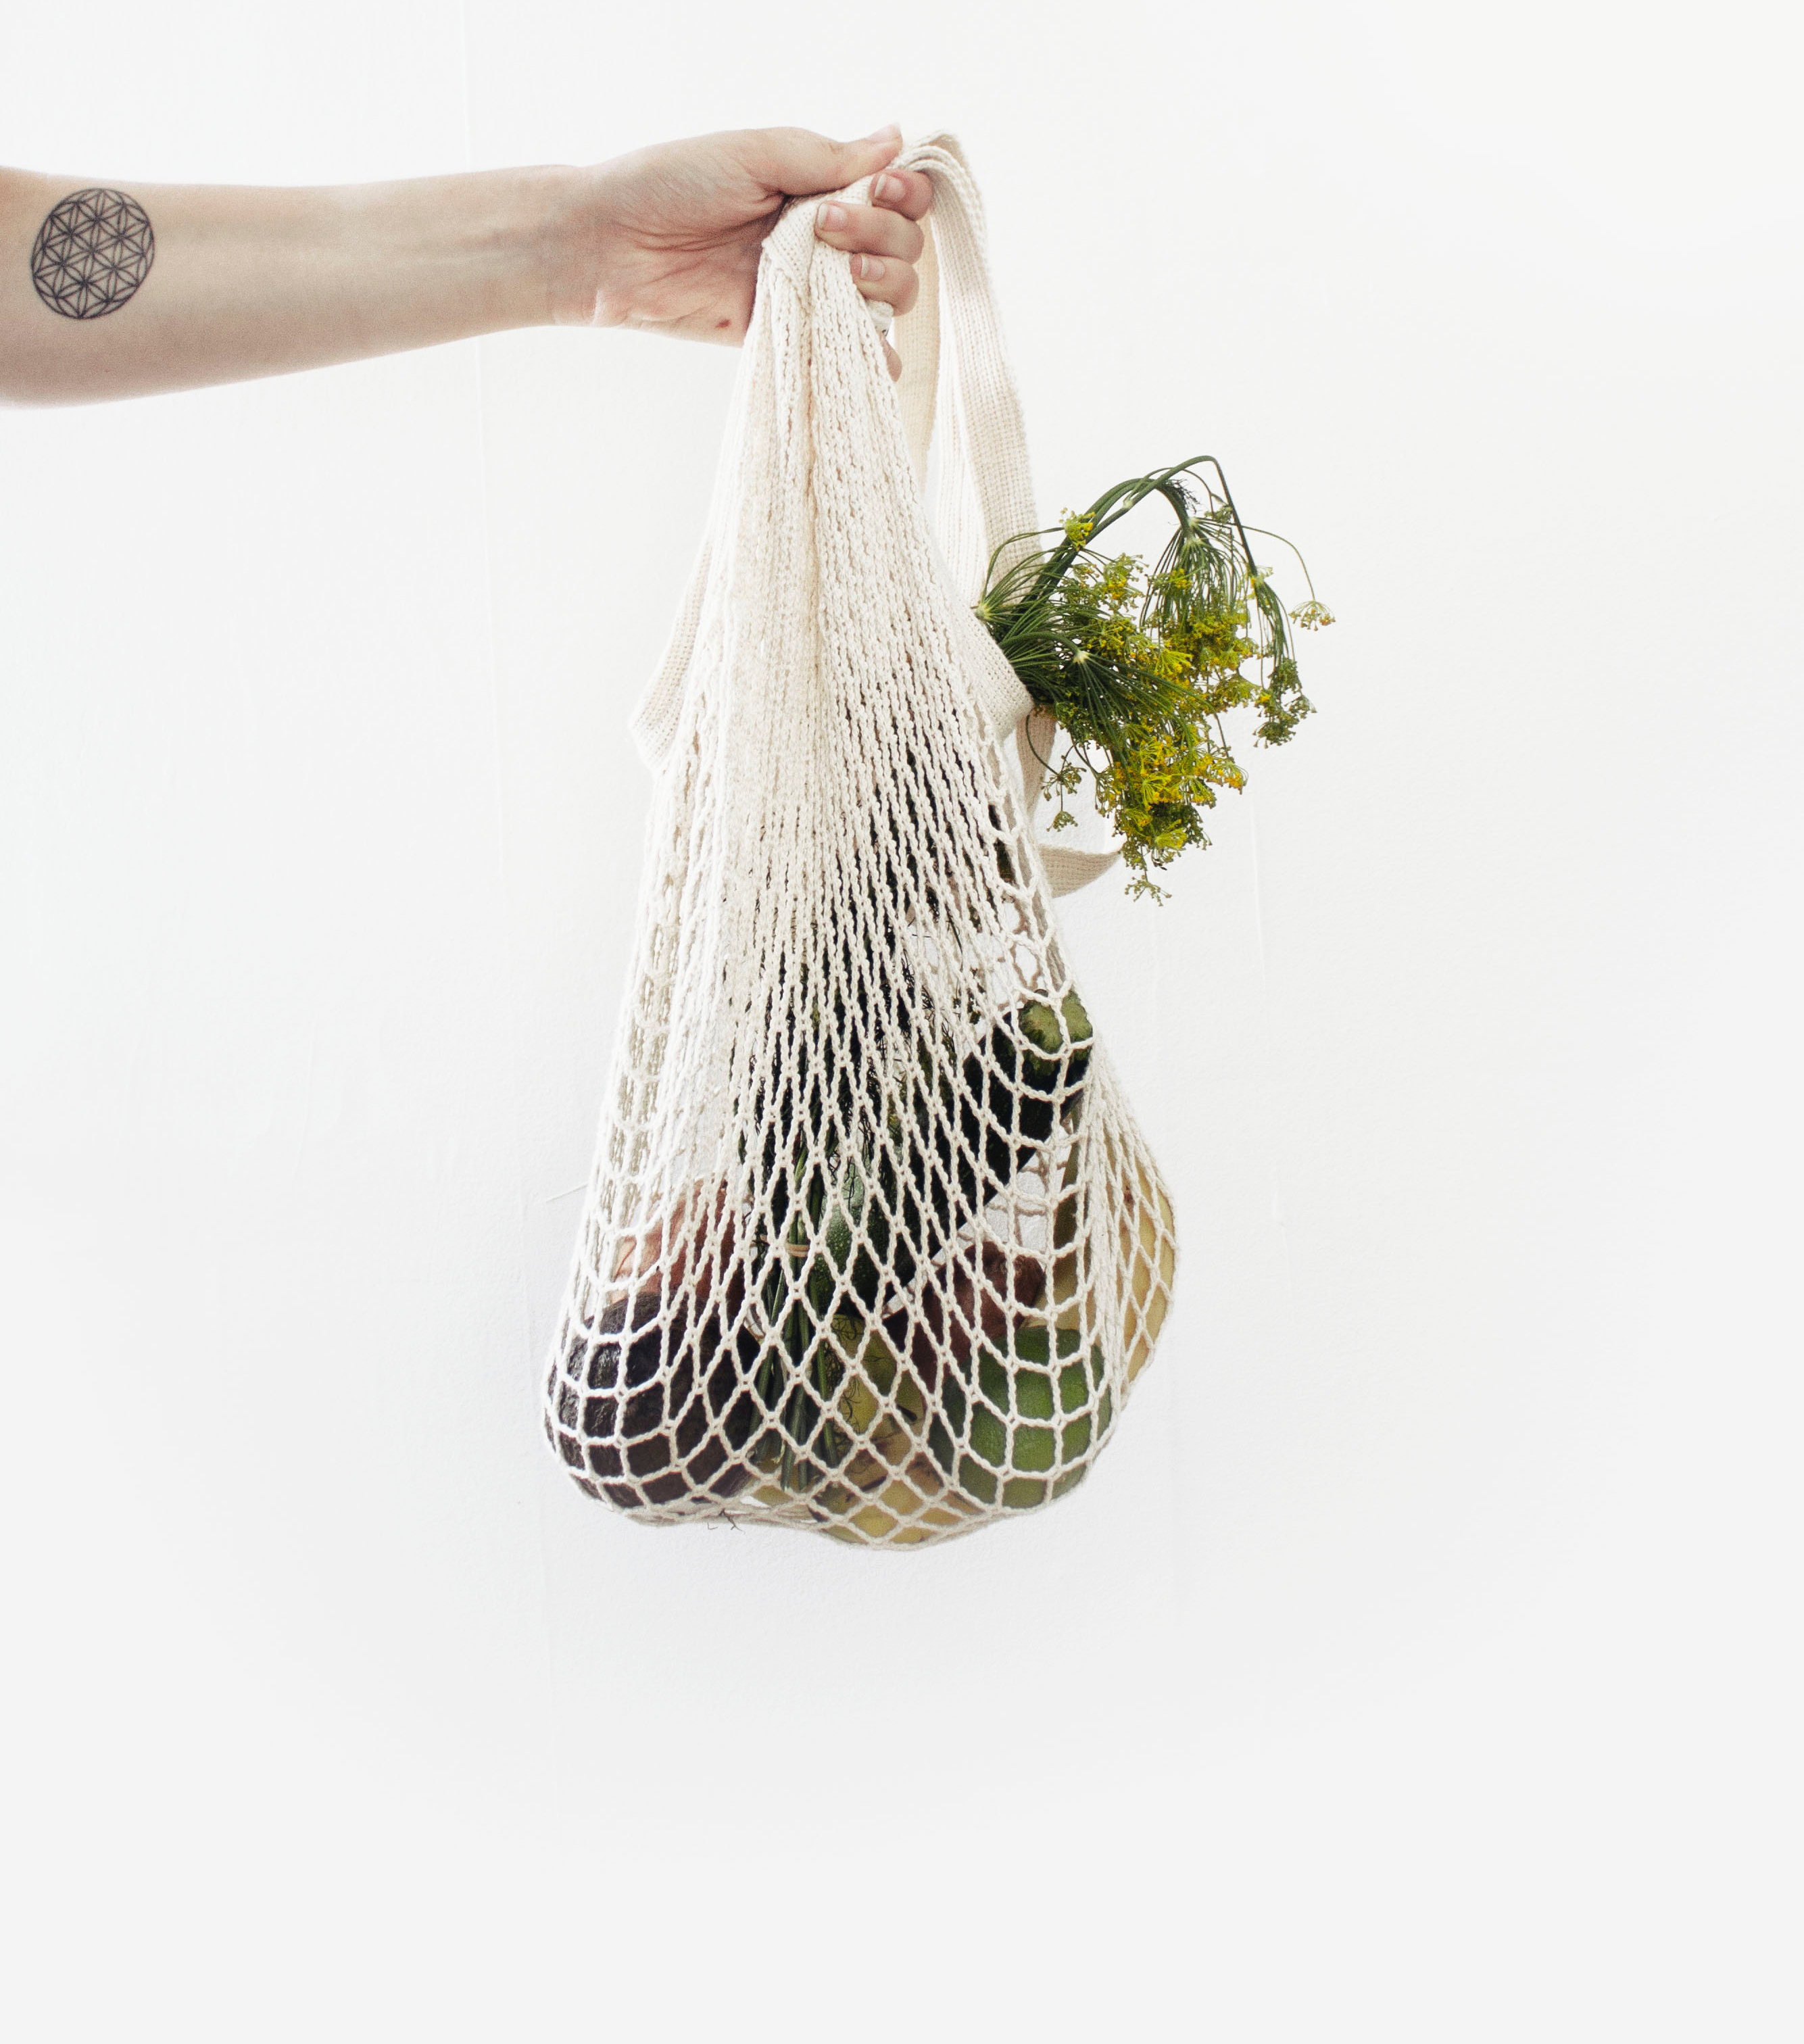 Strategies agains food waste